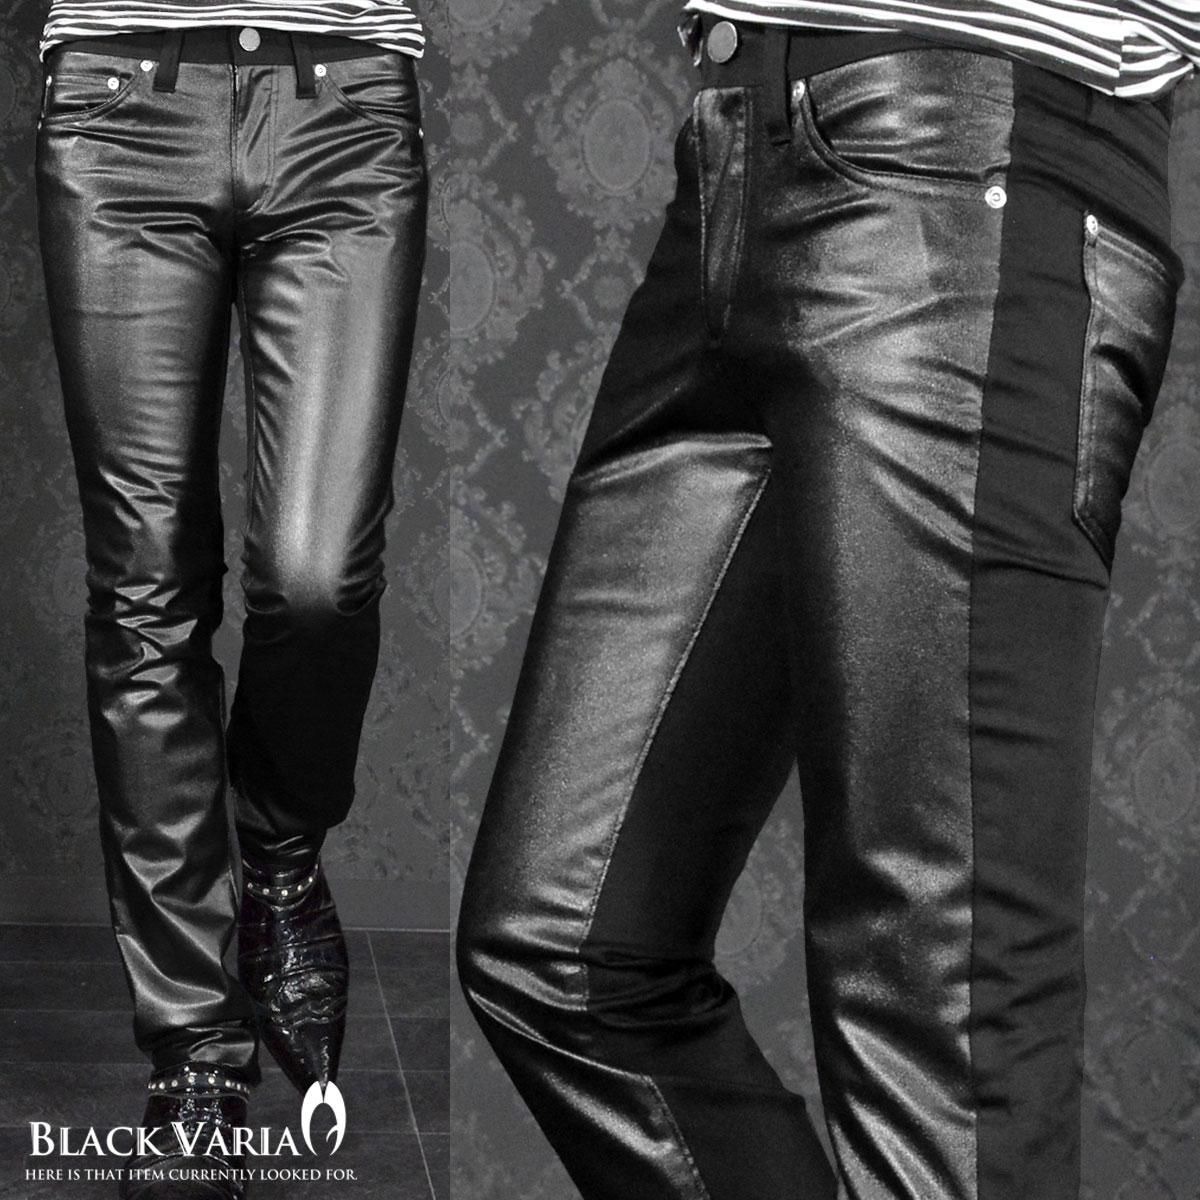 パンツ クレイジー サテン 合皮 PUレザー スリム 切替 無地 ストレート ストレッチ メンズ mens(ブラック黒) 162250